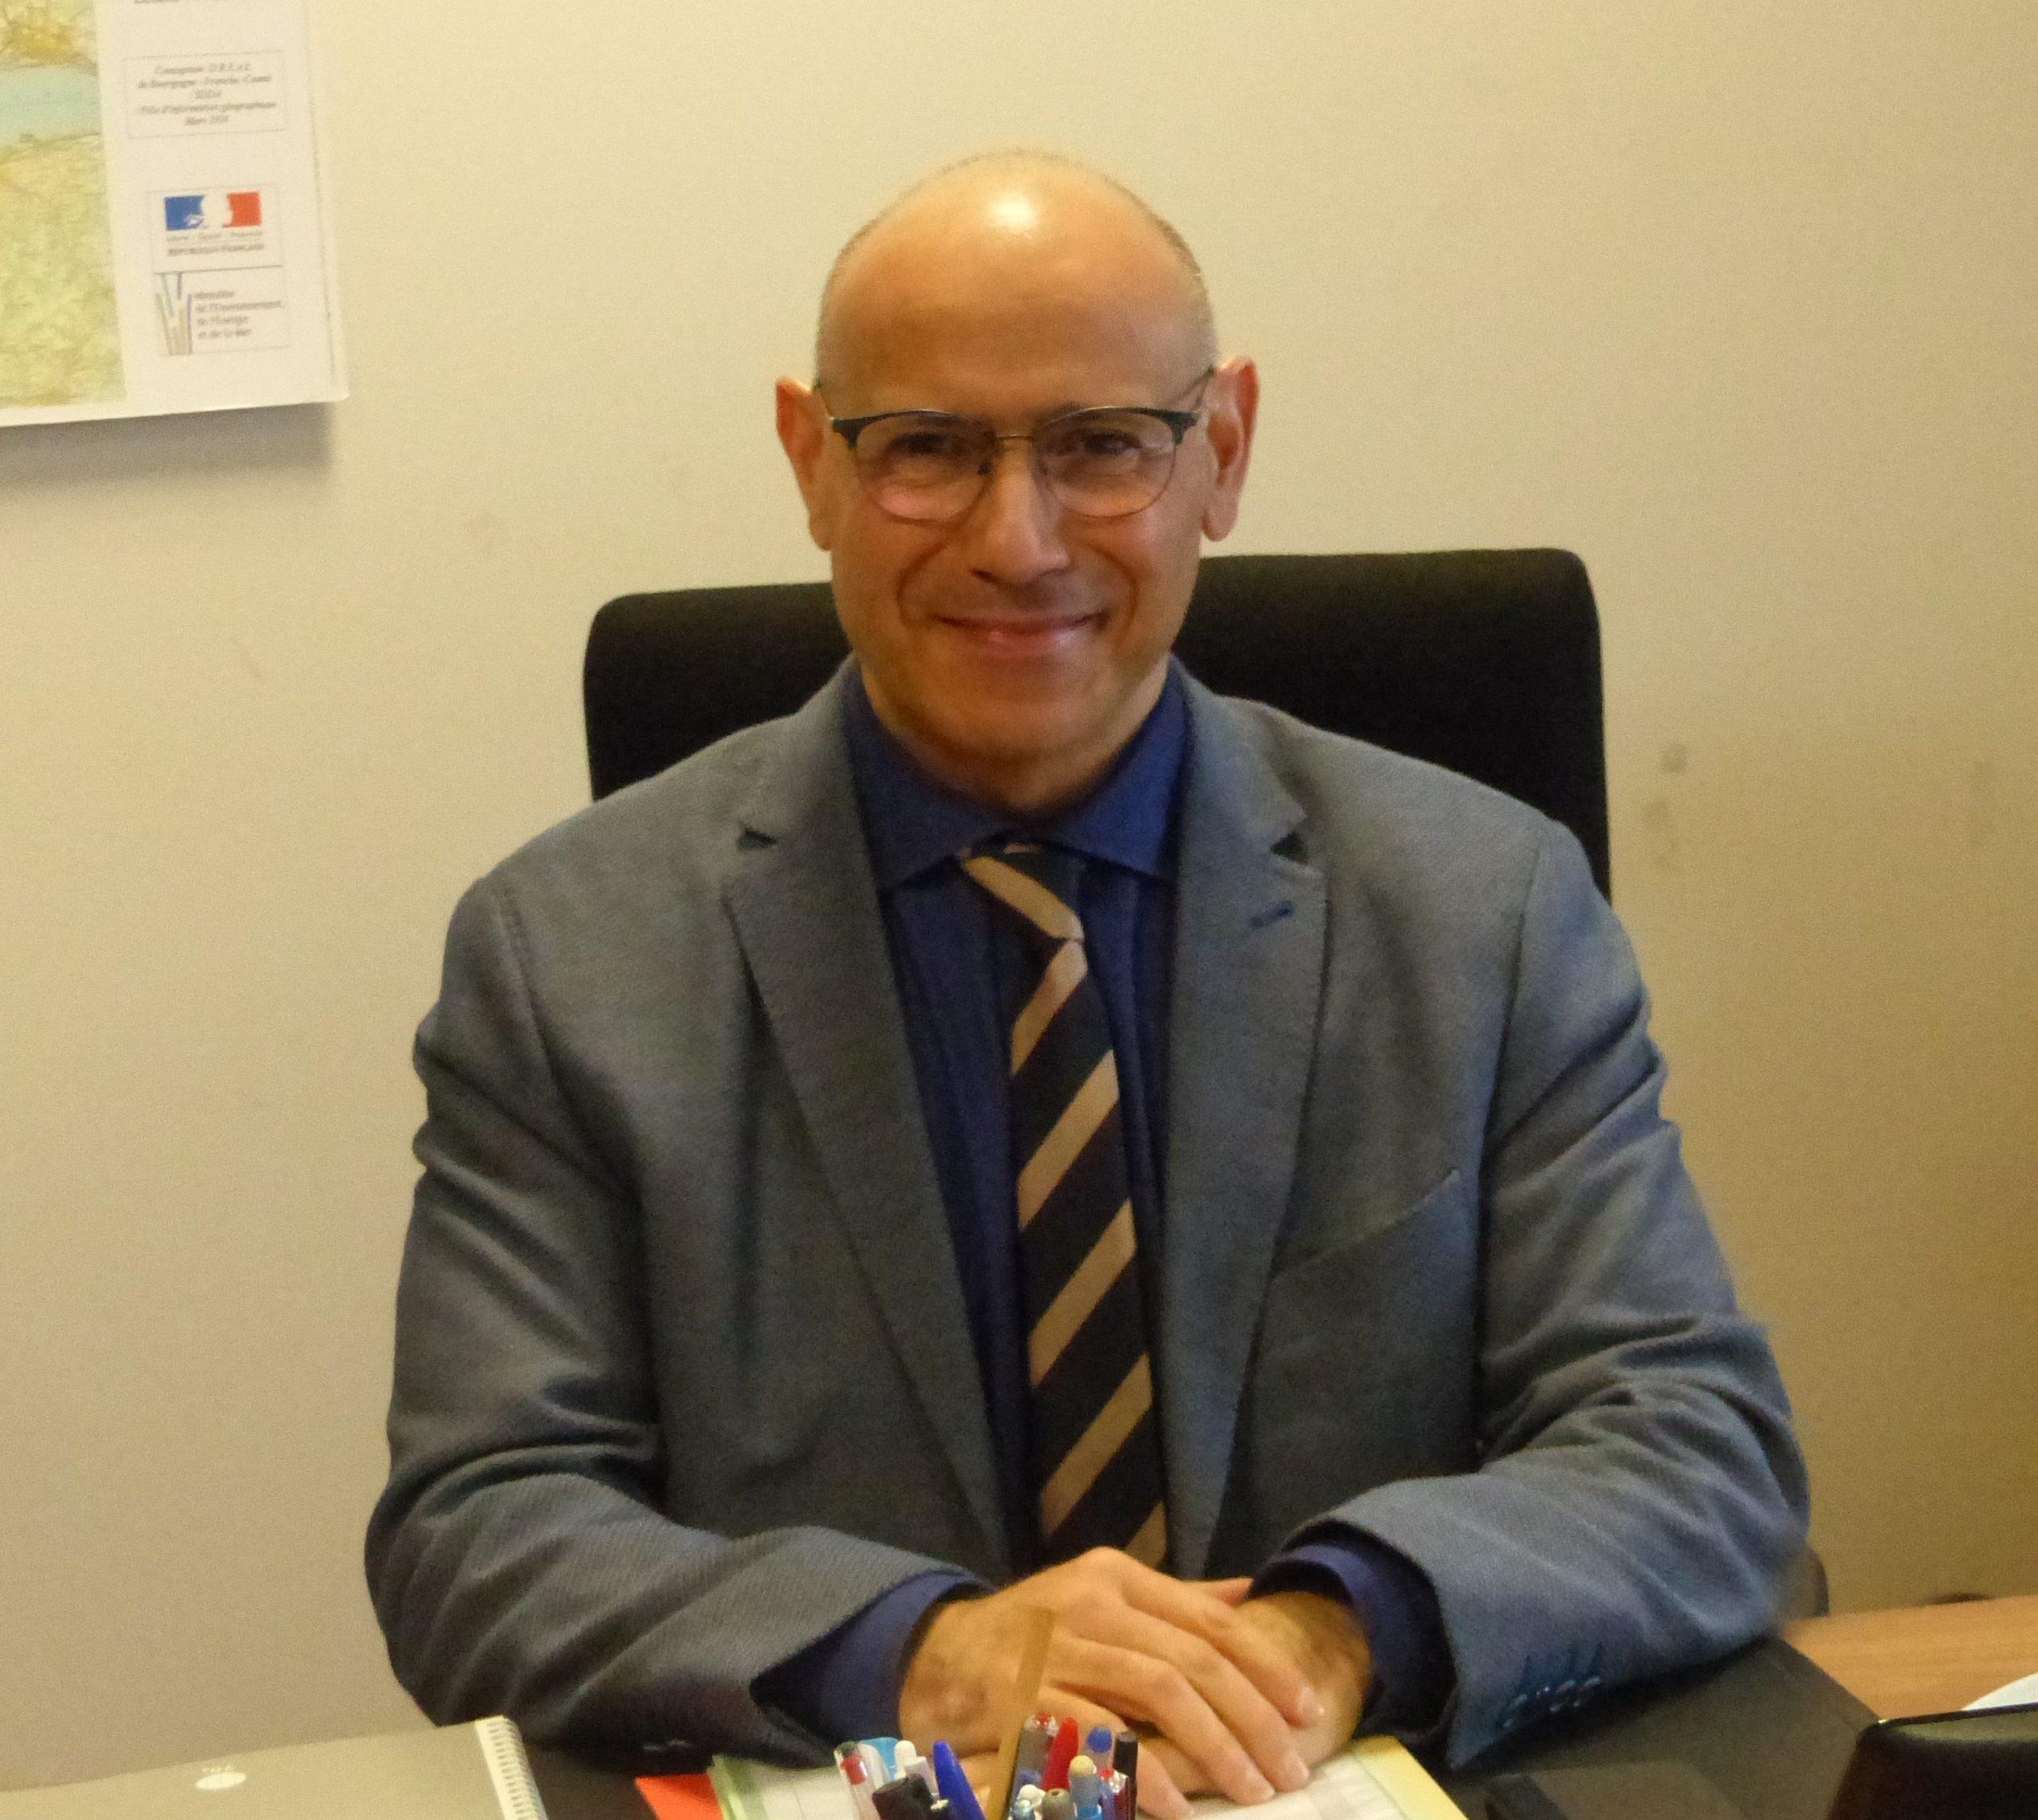 Le docteur Mohamed Si Abdallah, nommé directeur général adjoint de l'agence régionale de santé Bourgogne-Franche-Comté.